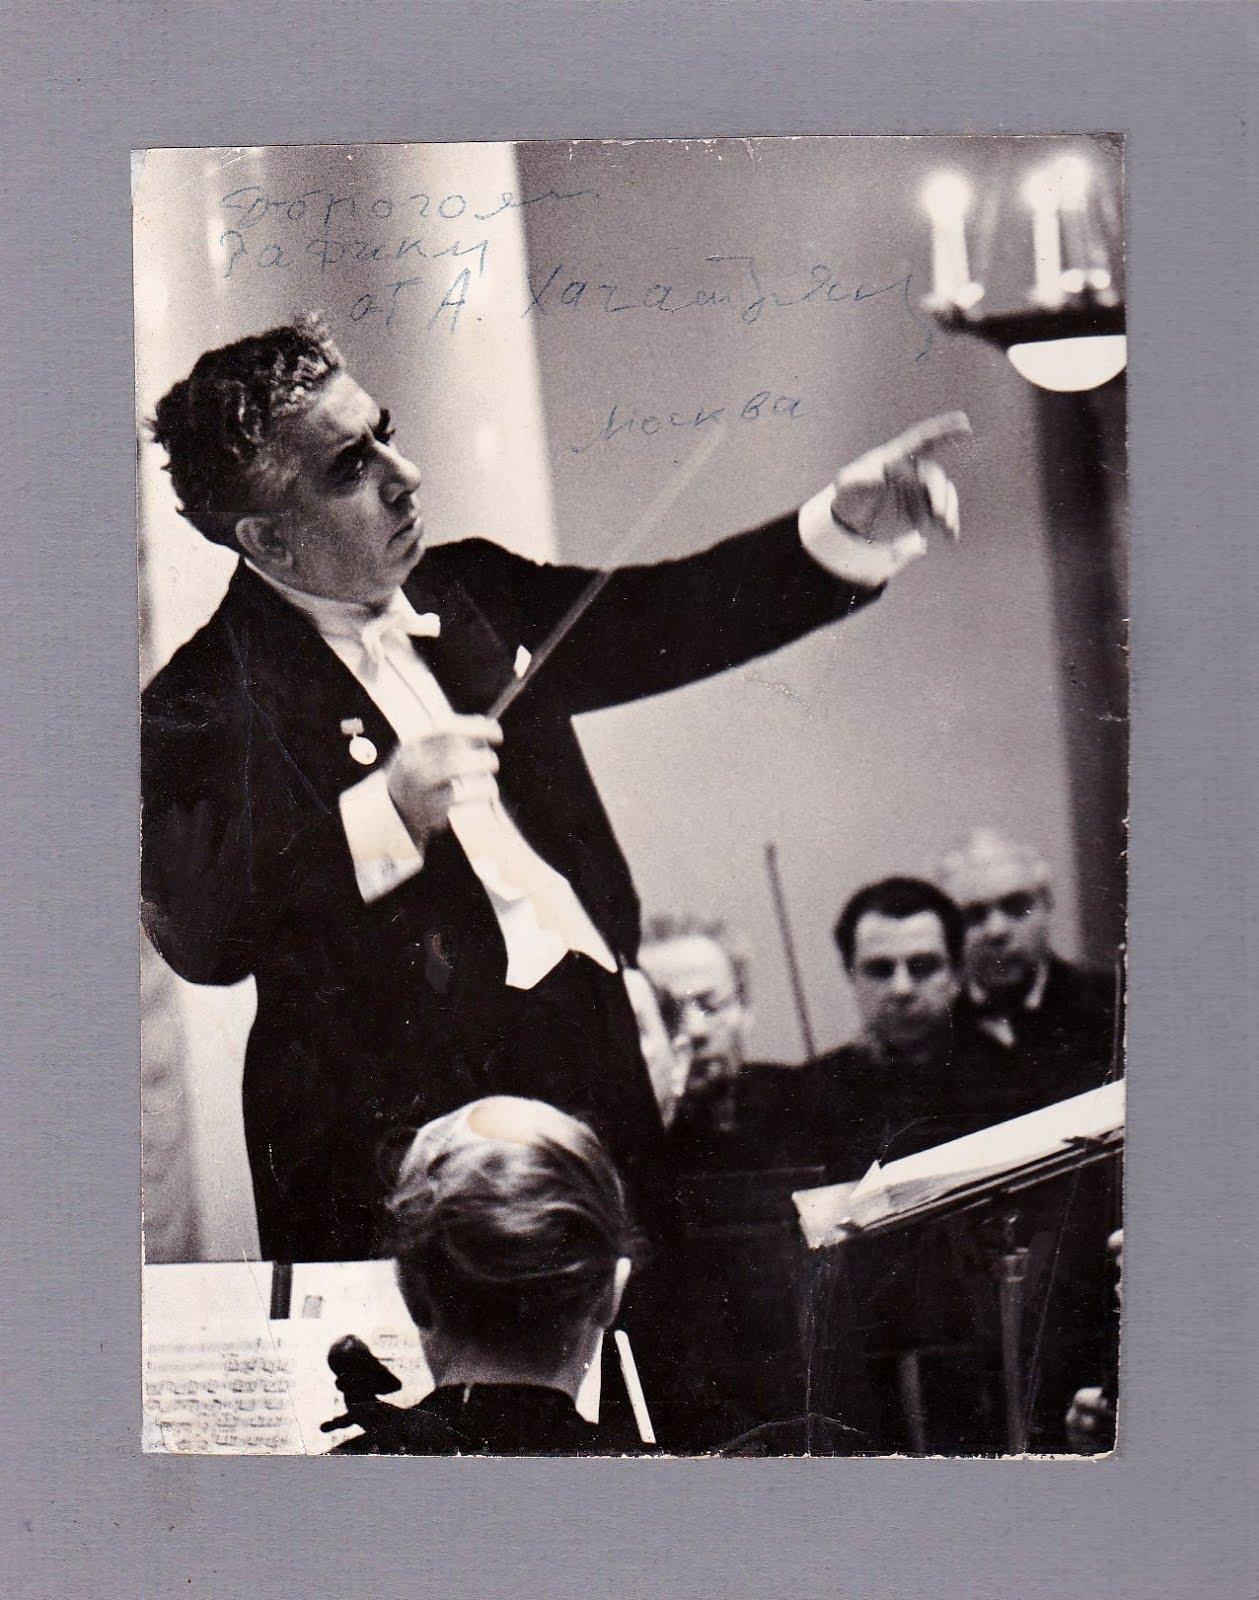 Composer Aram Khatchaturian autographs a photograph conducting the Leningrad Philharmonic